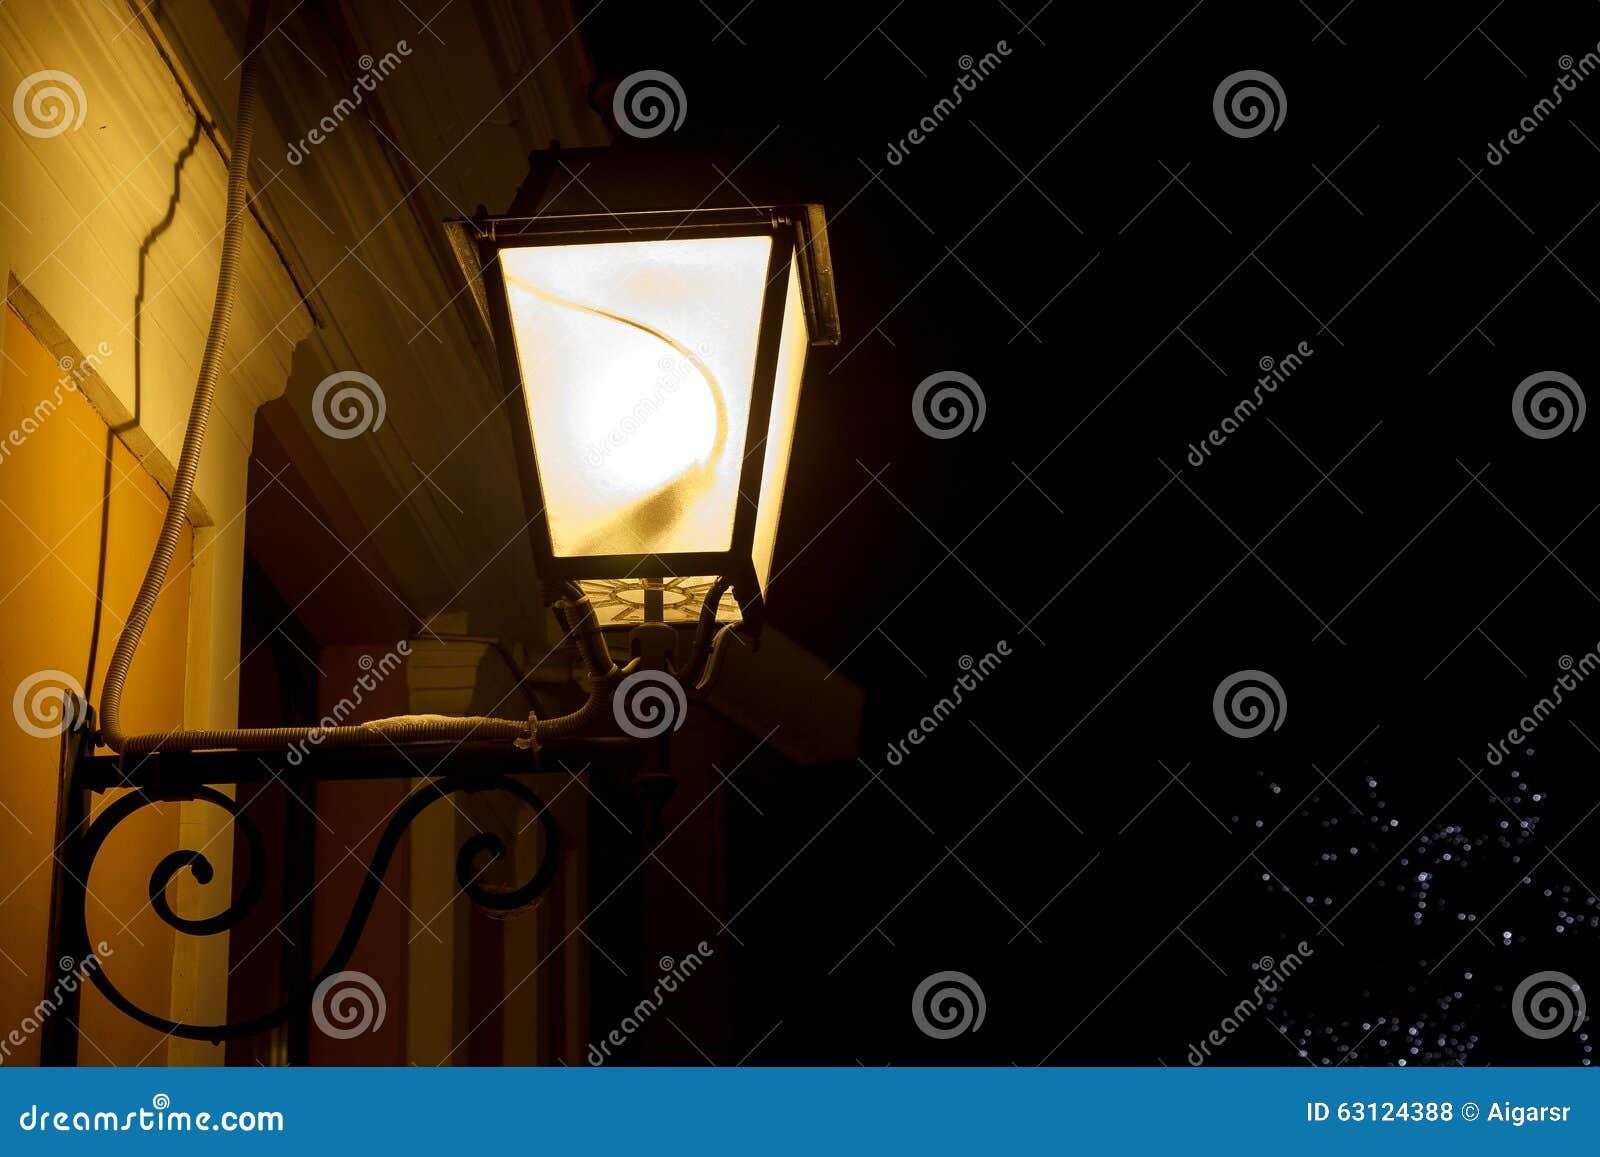 Posts de la luz del Lit